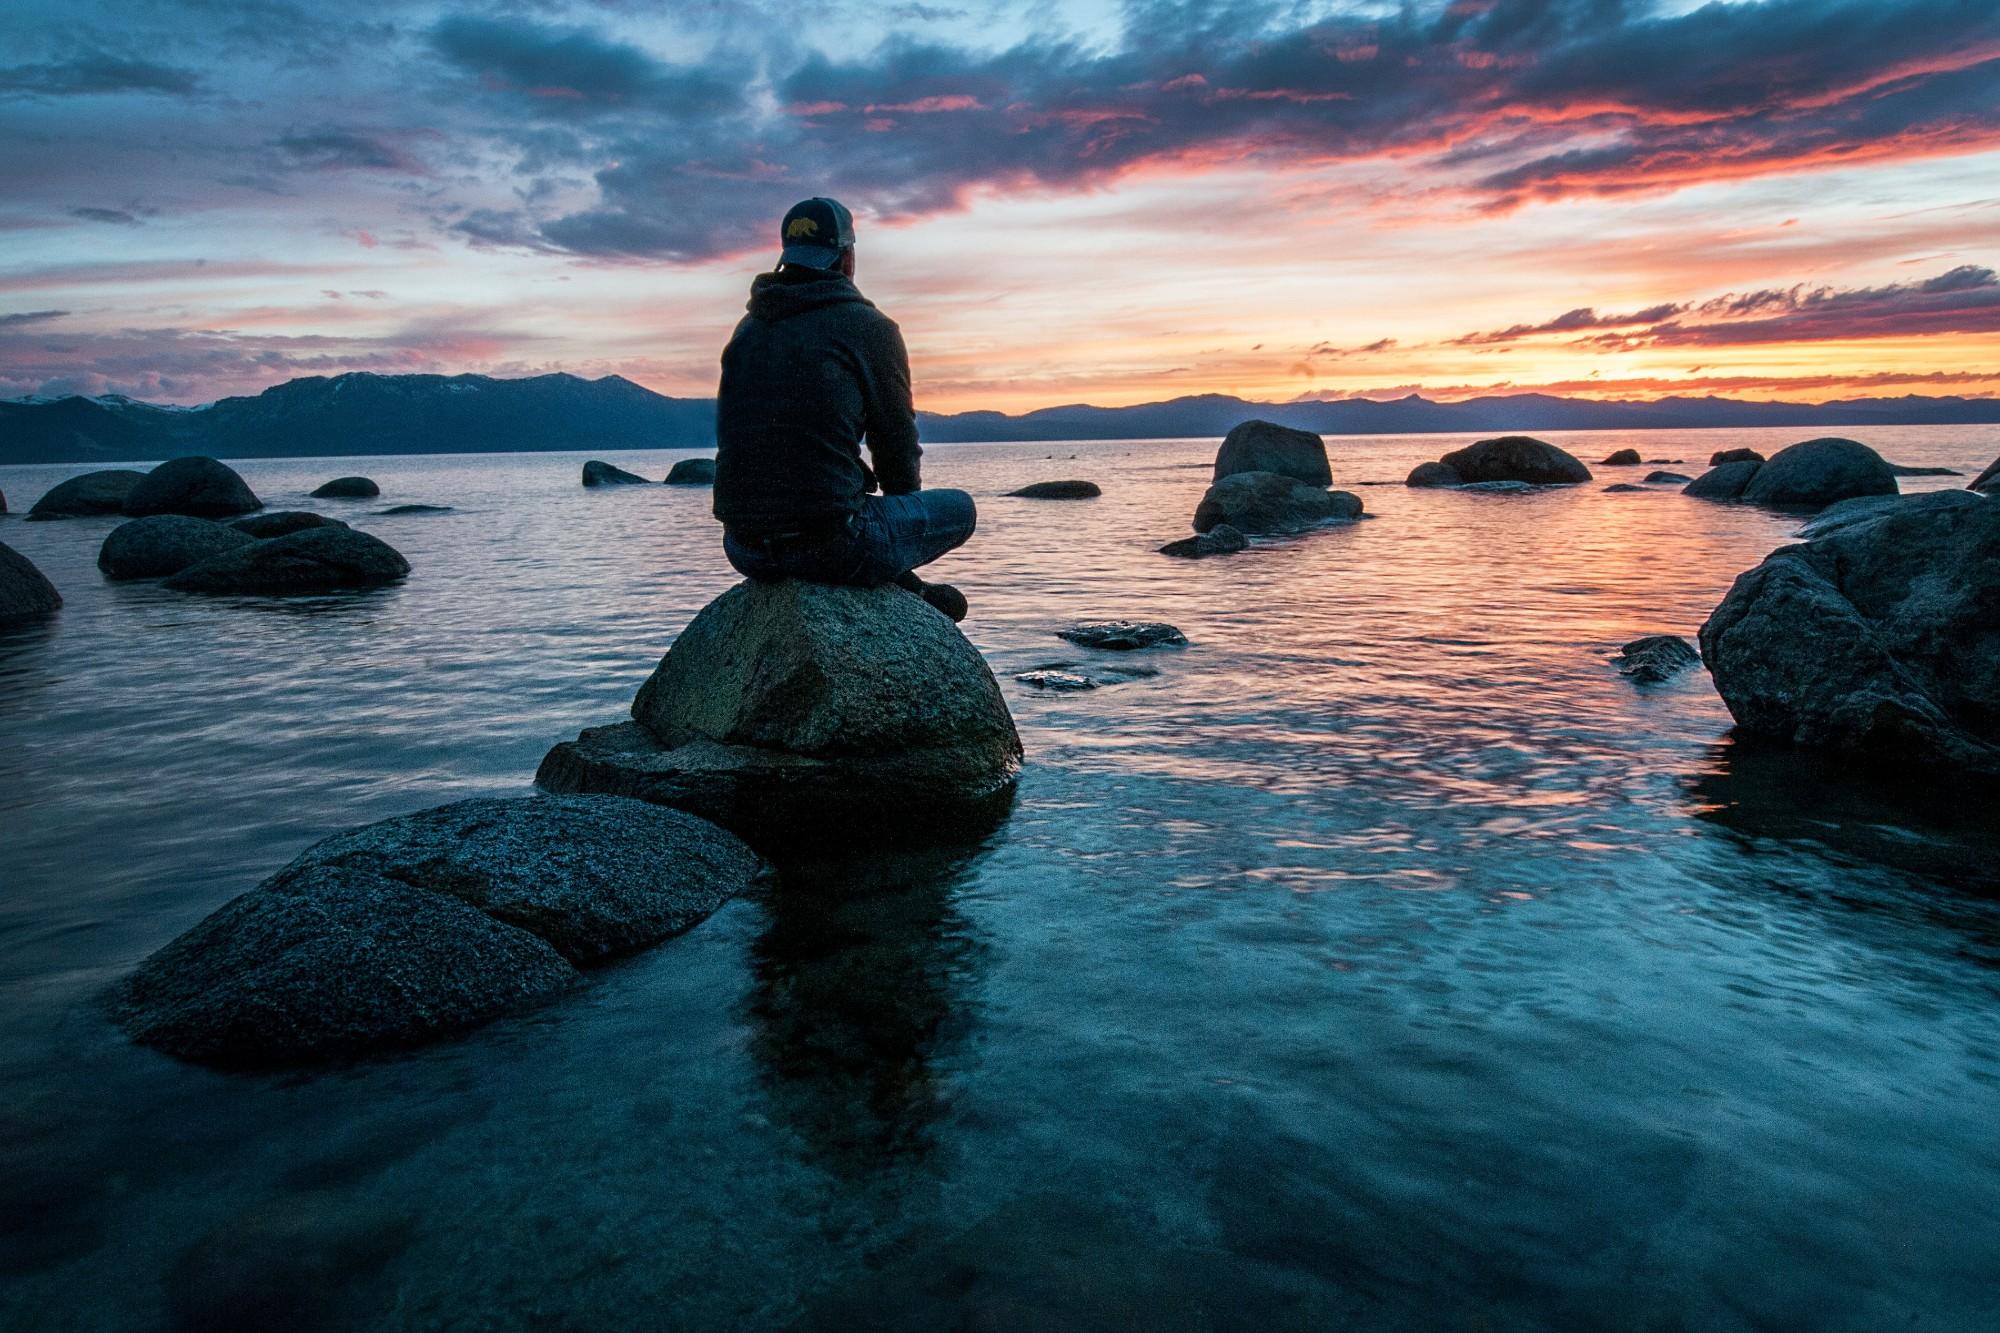 Homme qui médite près de l'eau pour illustrer la une de cet article qui explique comment méditer.